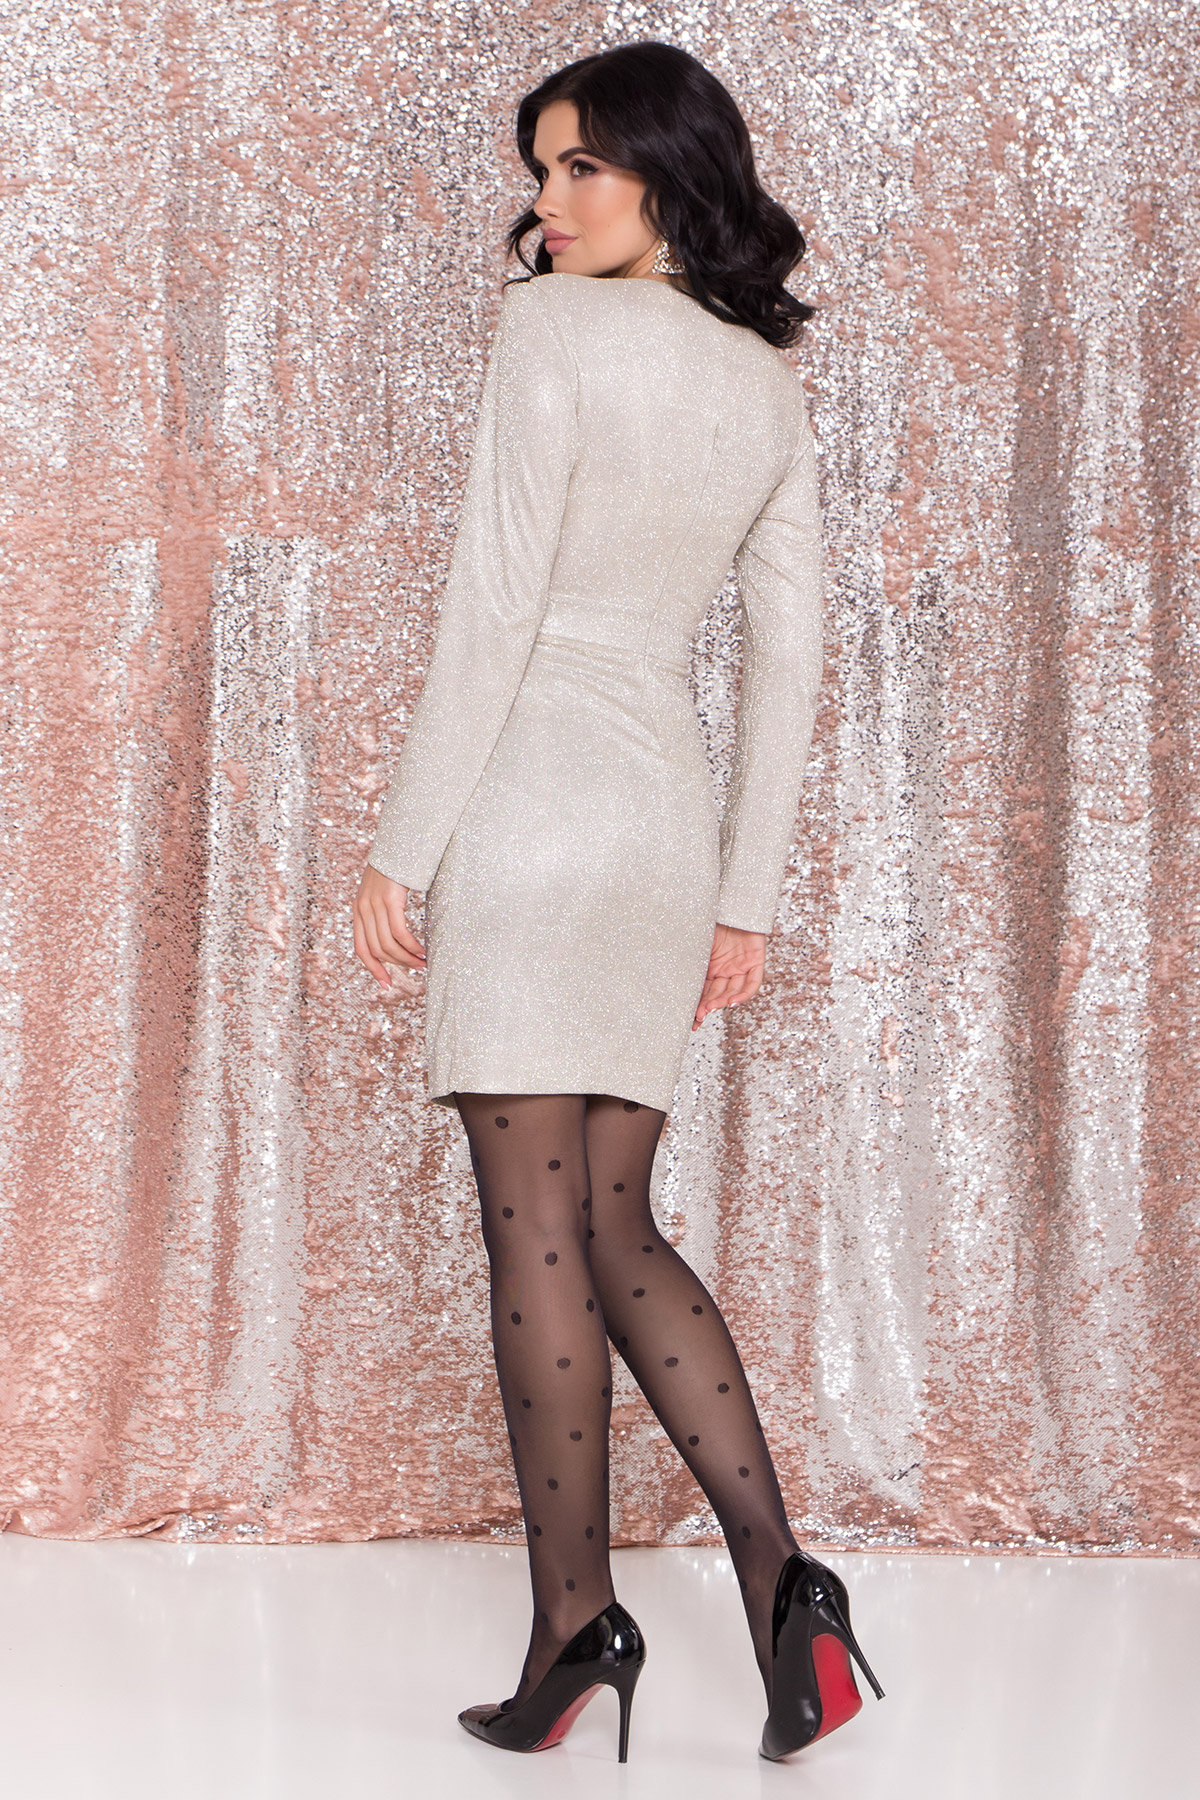 Контрастное двухцветное платье Блеск 8511 АРТ. 44822 Цвет: Серебро/золото - фото 5, интернет магазин tm-modus.ru